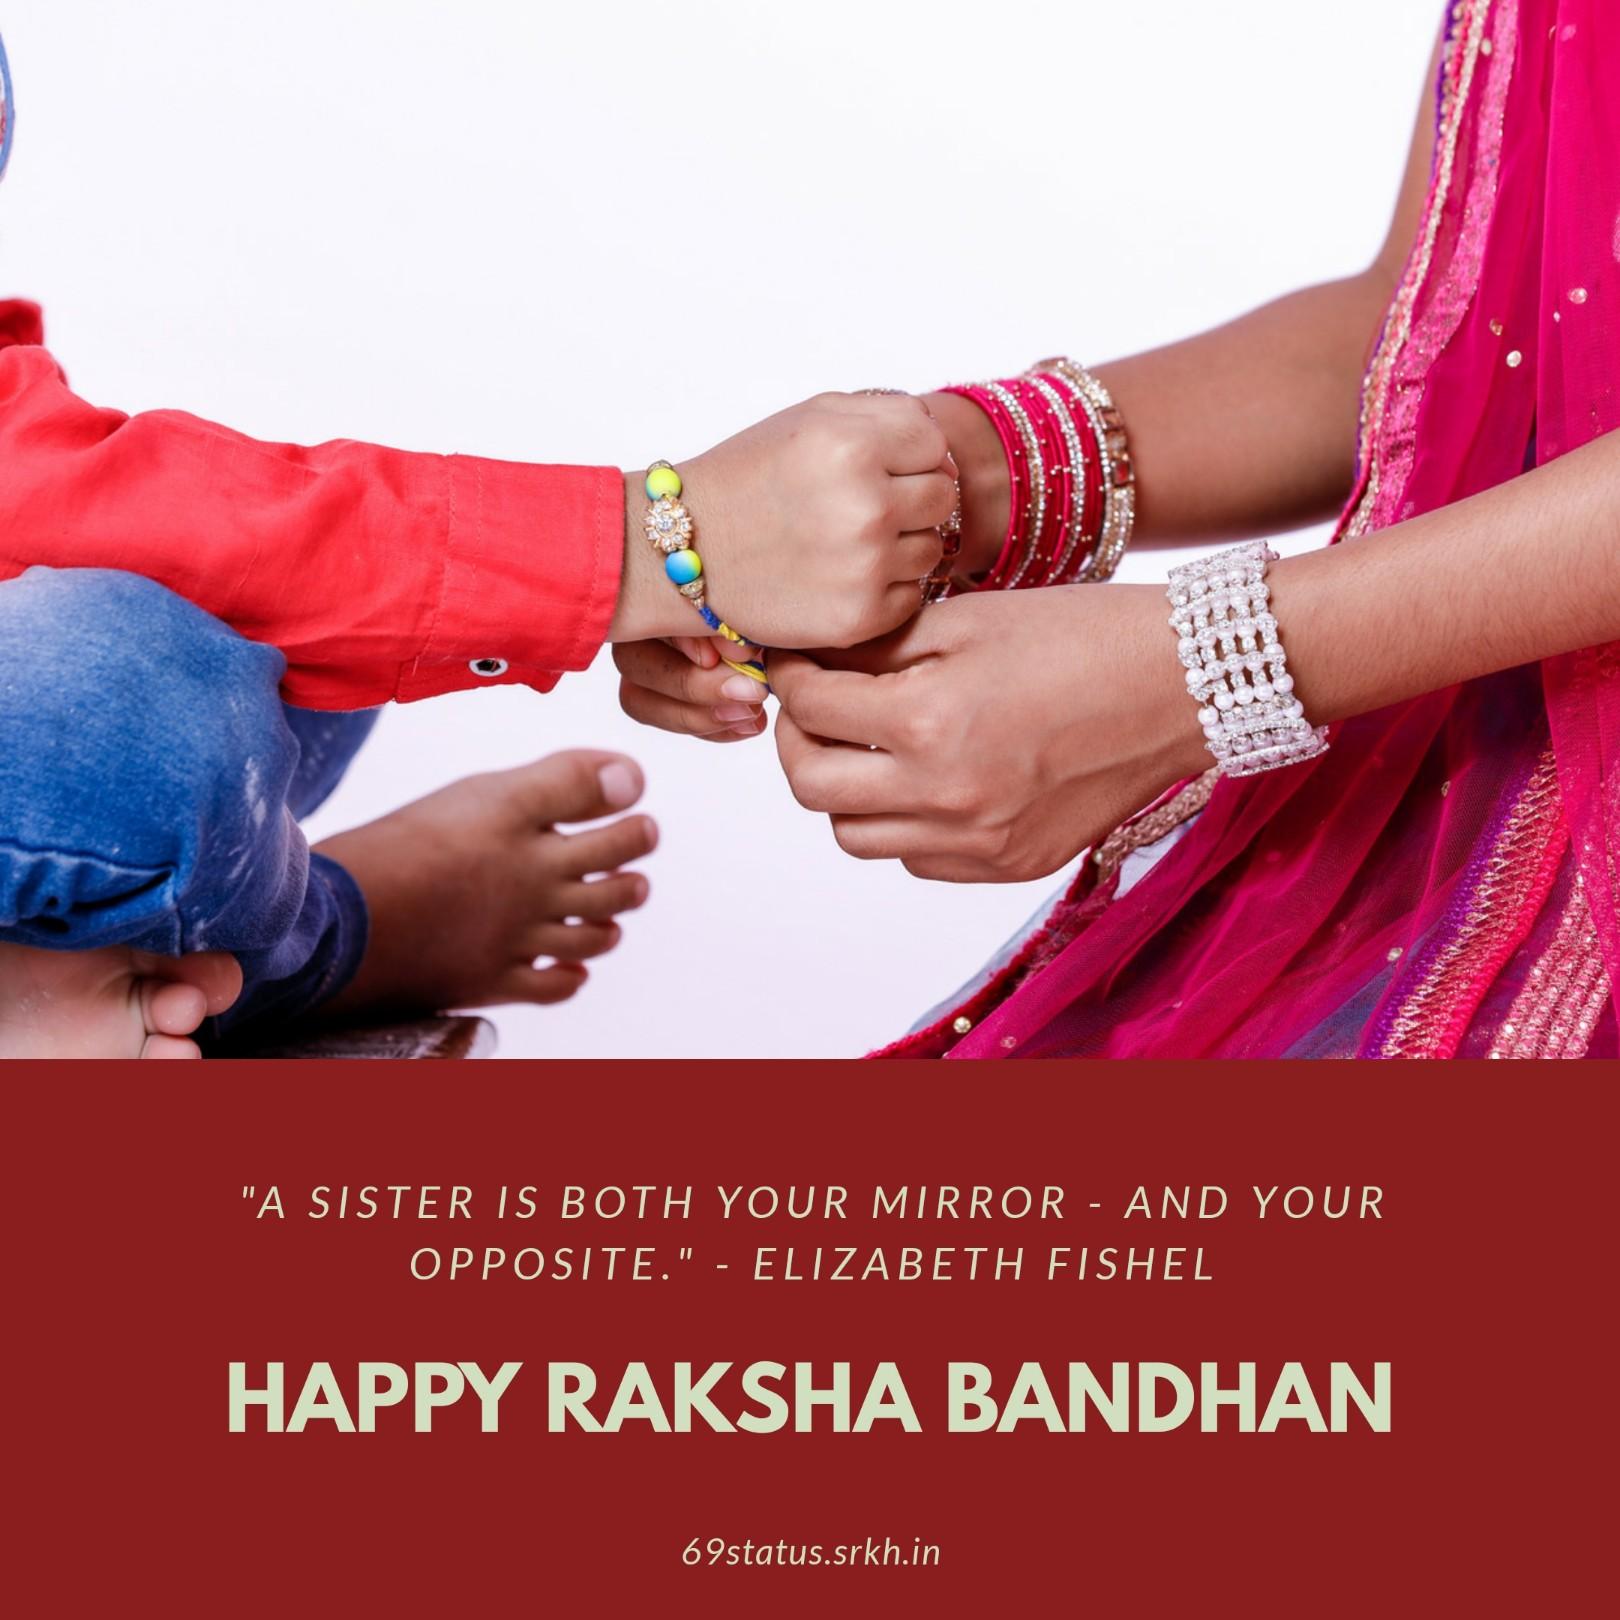 Raksha Bandhan Quotation Image full HD free download.